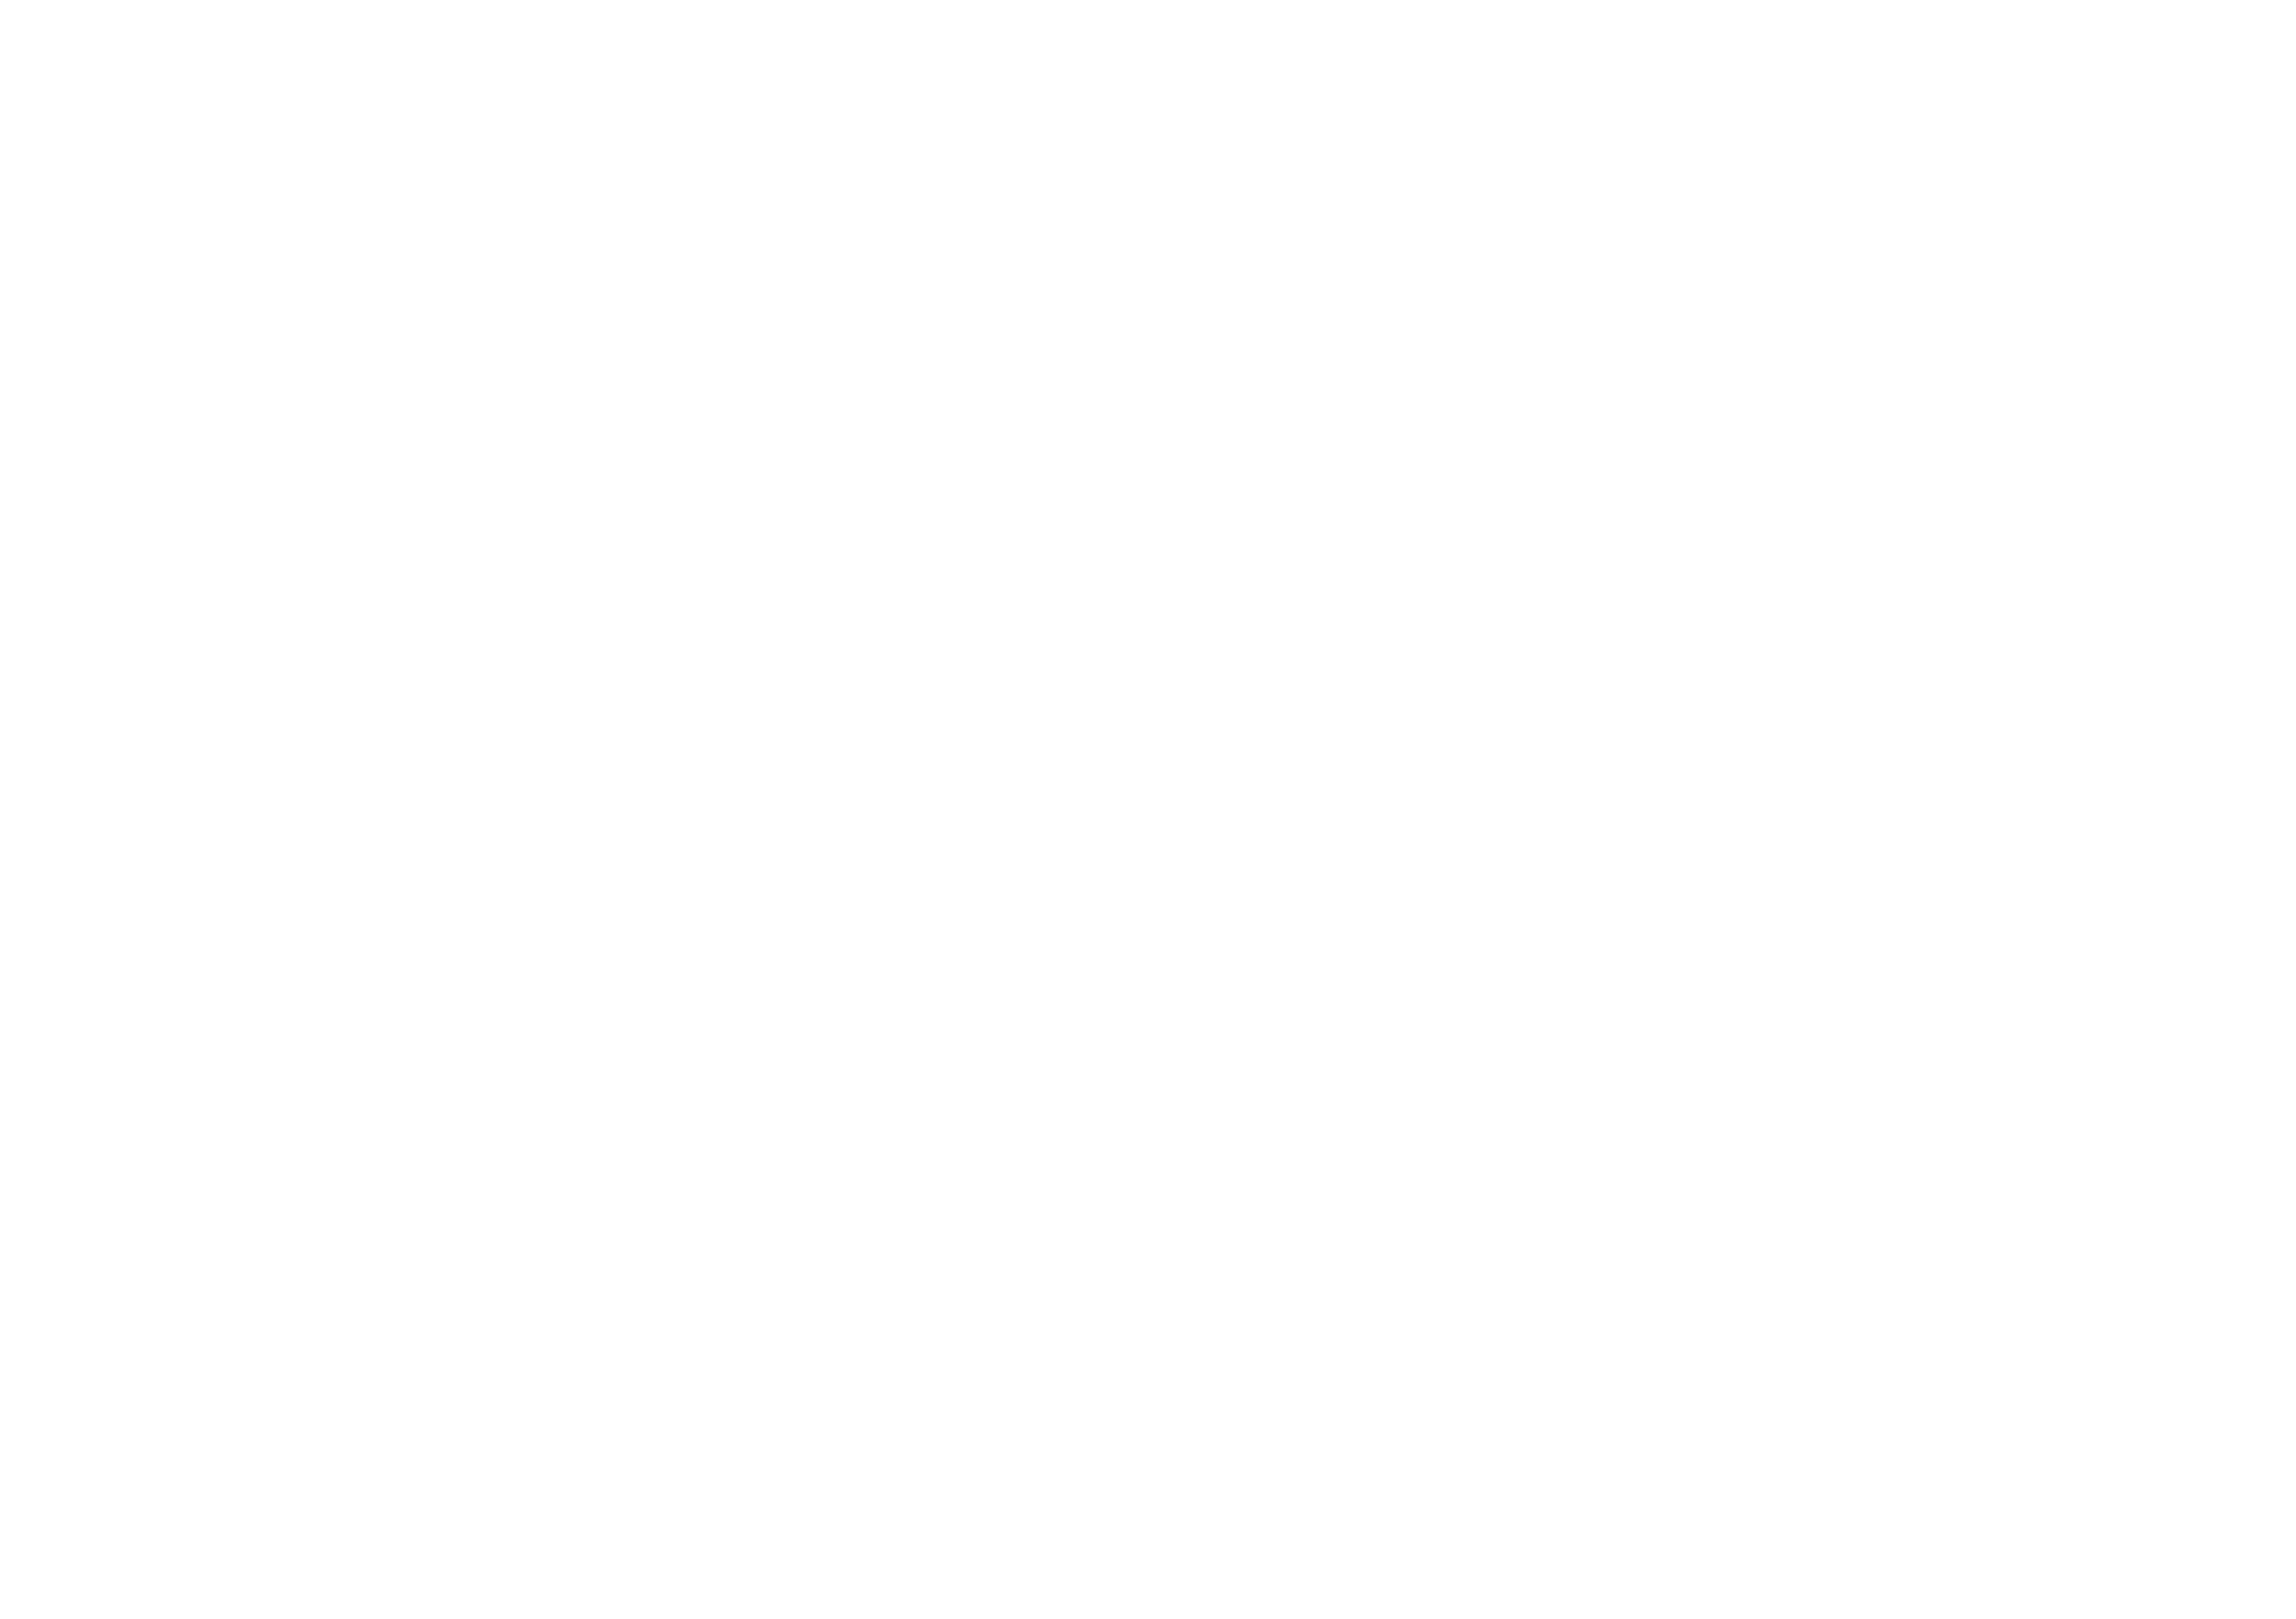 deutsche_yachten-octoport-furuno